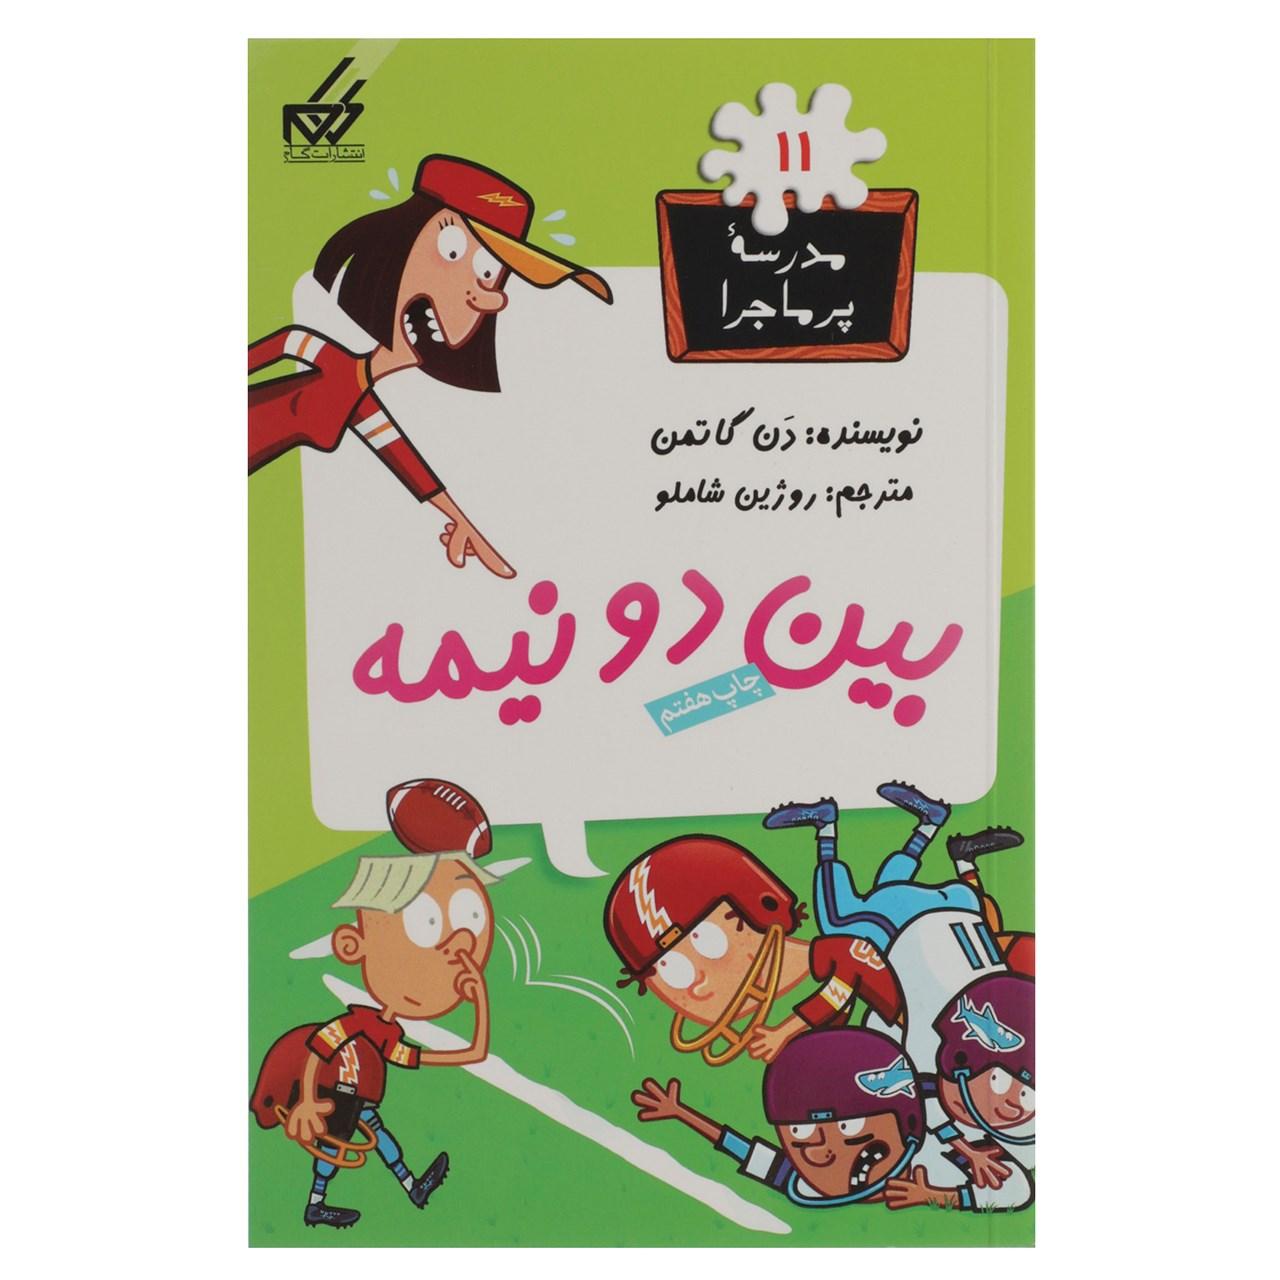 خرید                      کتاب مدرسه پر ماجرا 11 بین دو نیمه اثر دن گاتمن